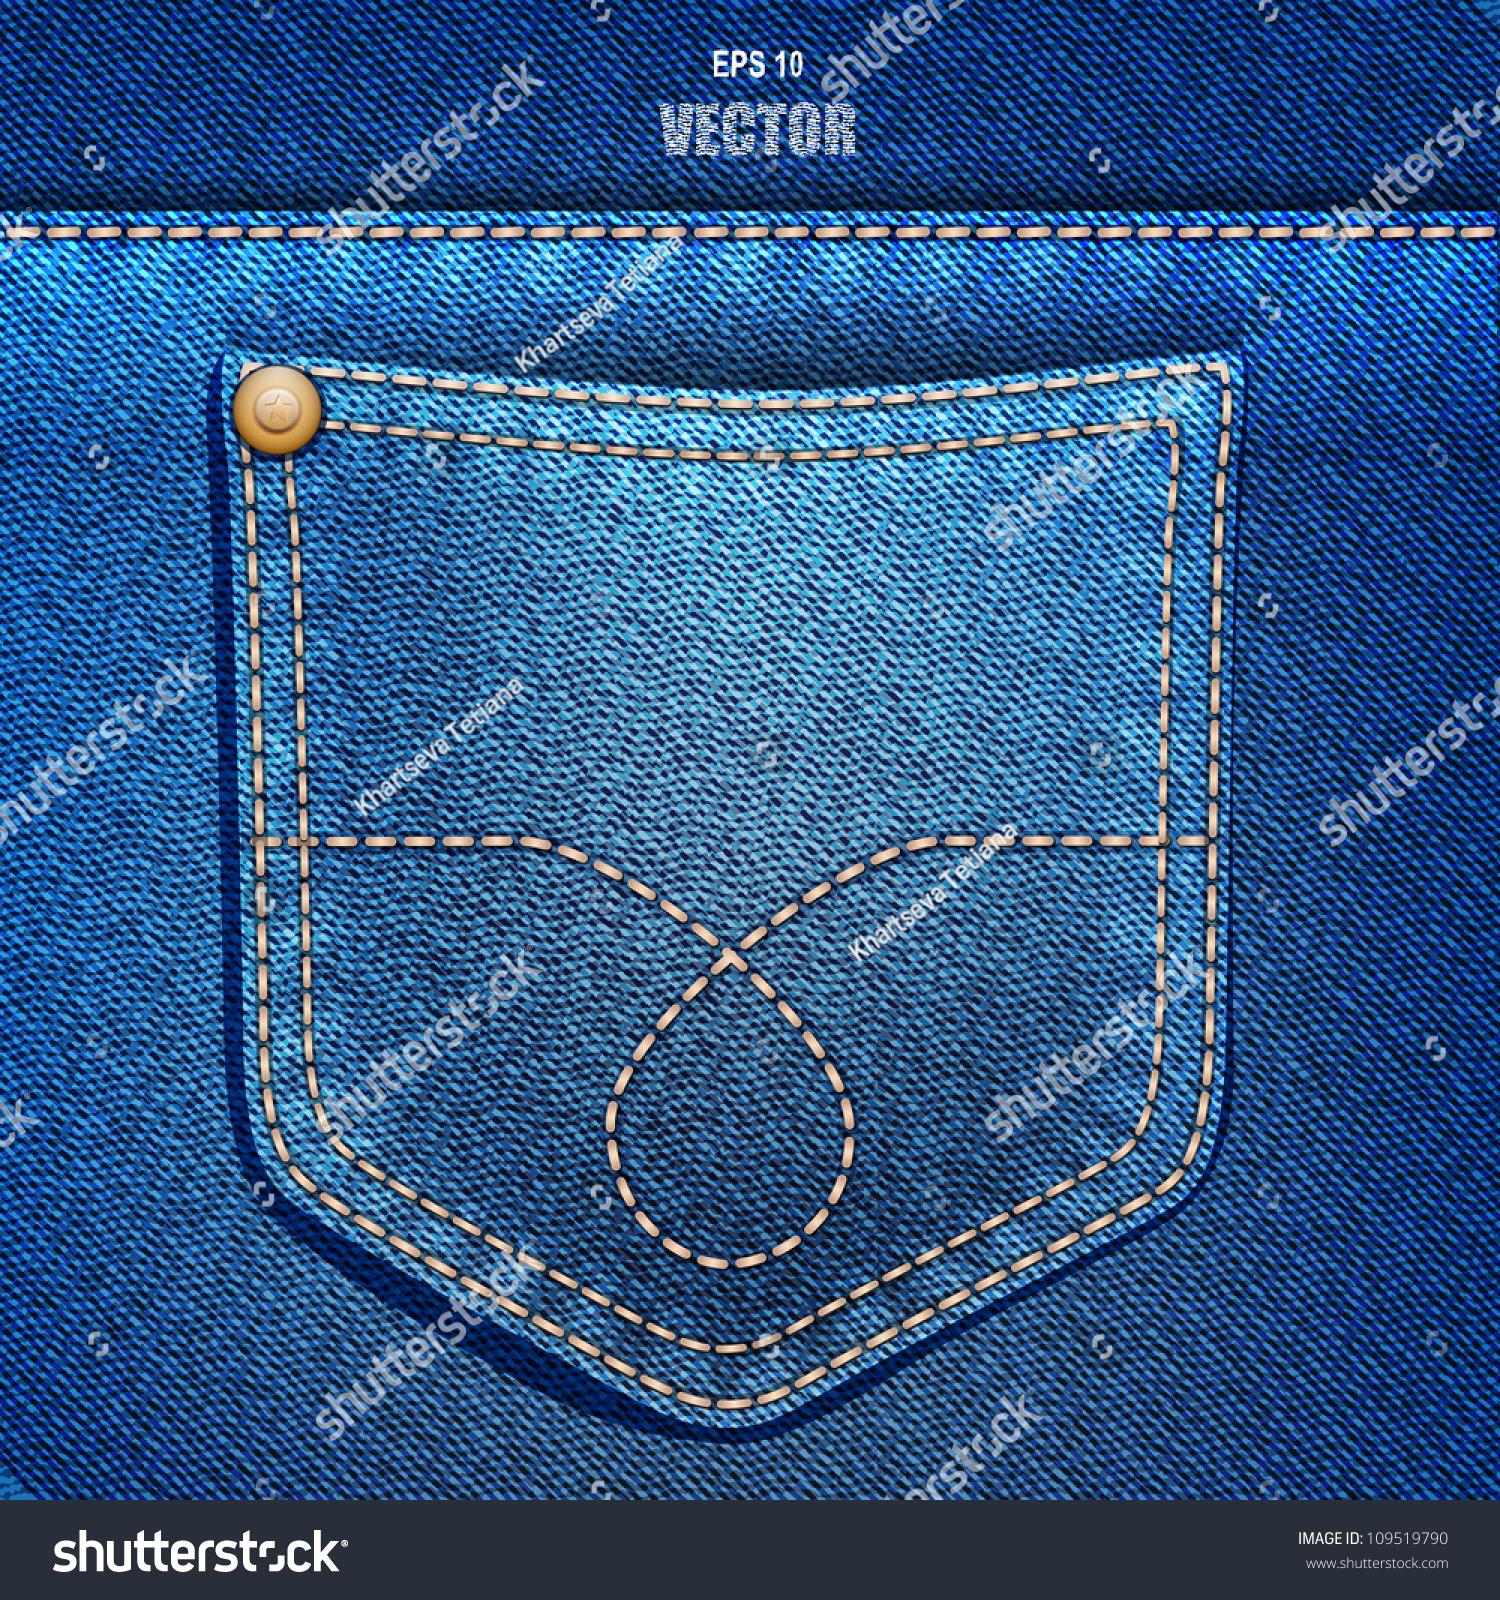 Jeans Pocket Denim Background Vector Eps Stock Vector 109519790 - Shutterstock